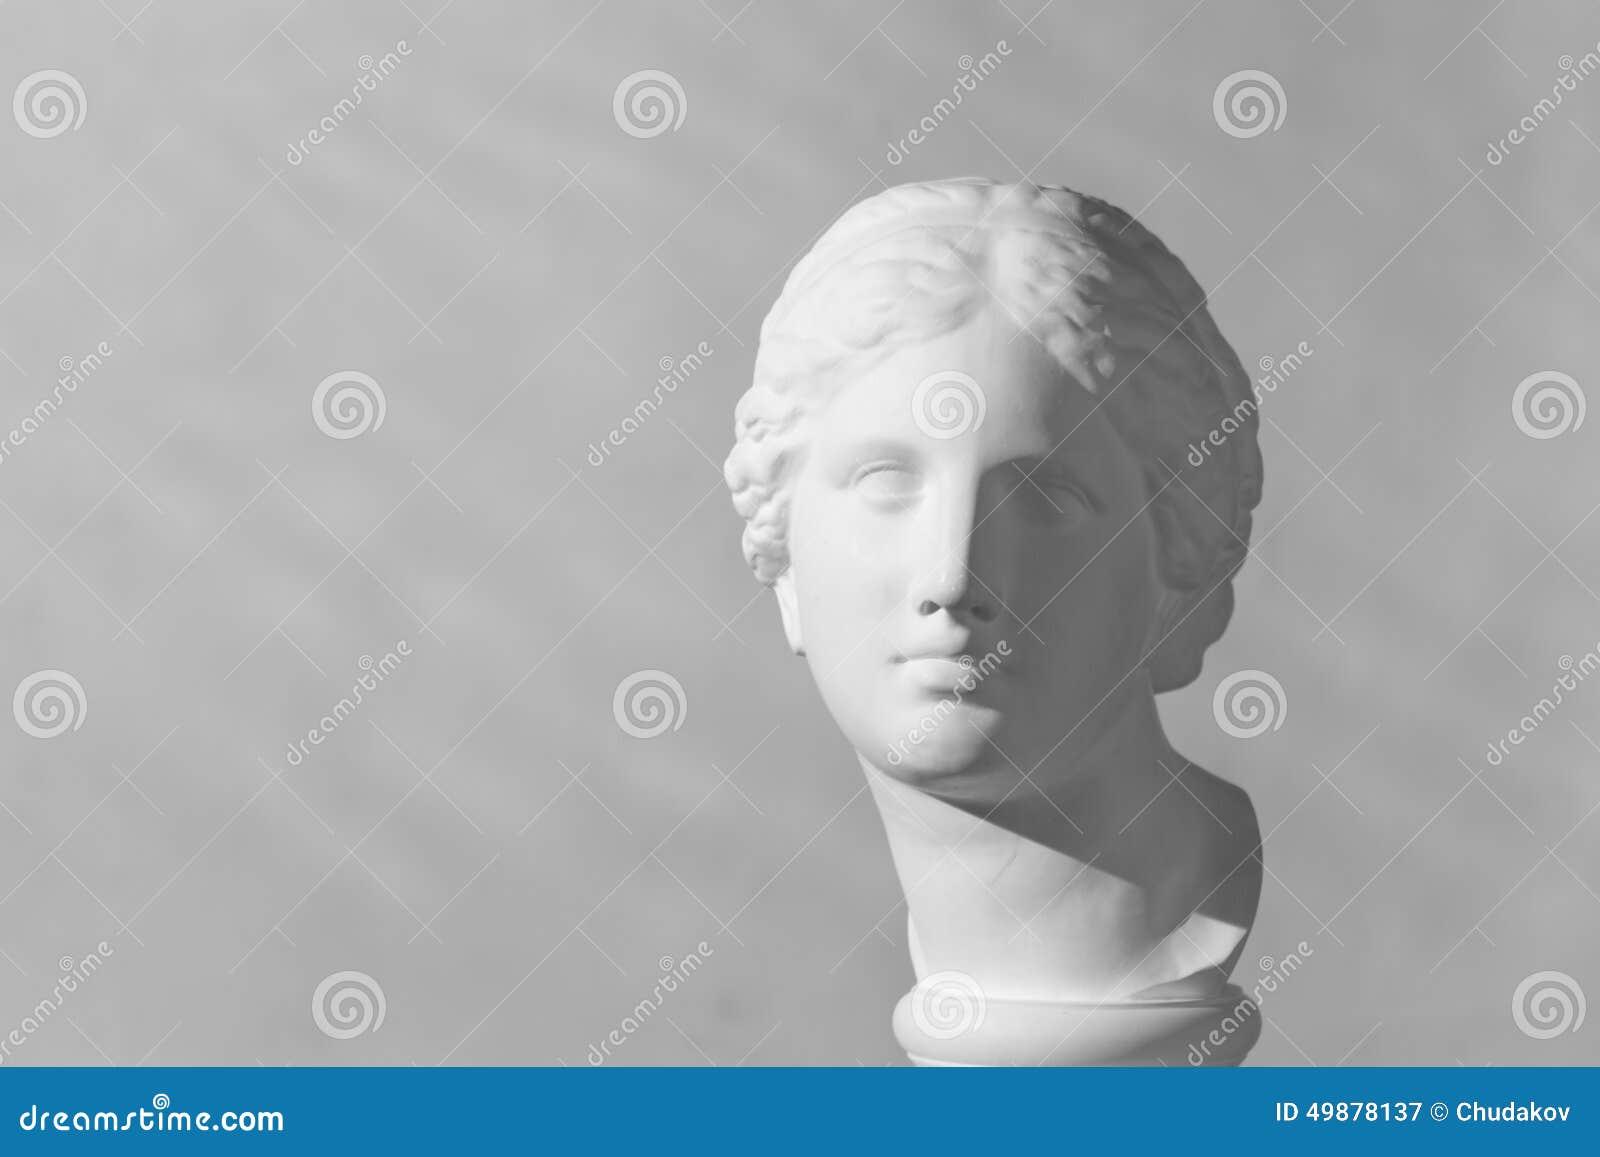 Gypsum head. Aphrodite